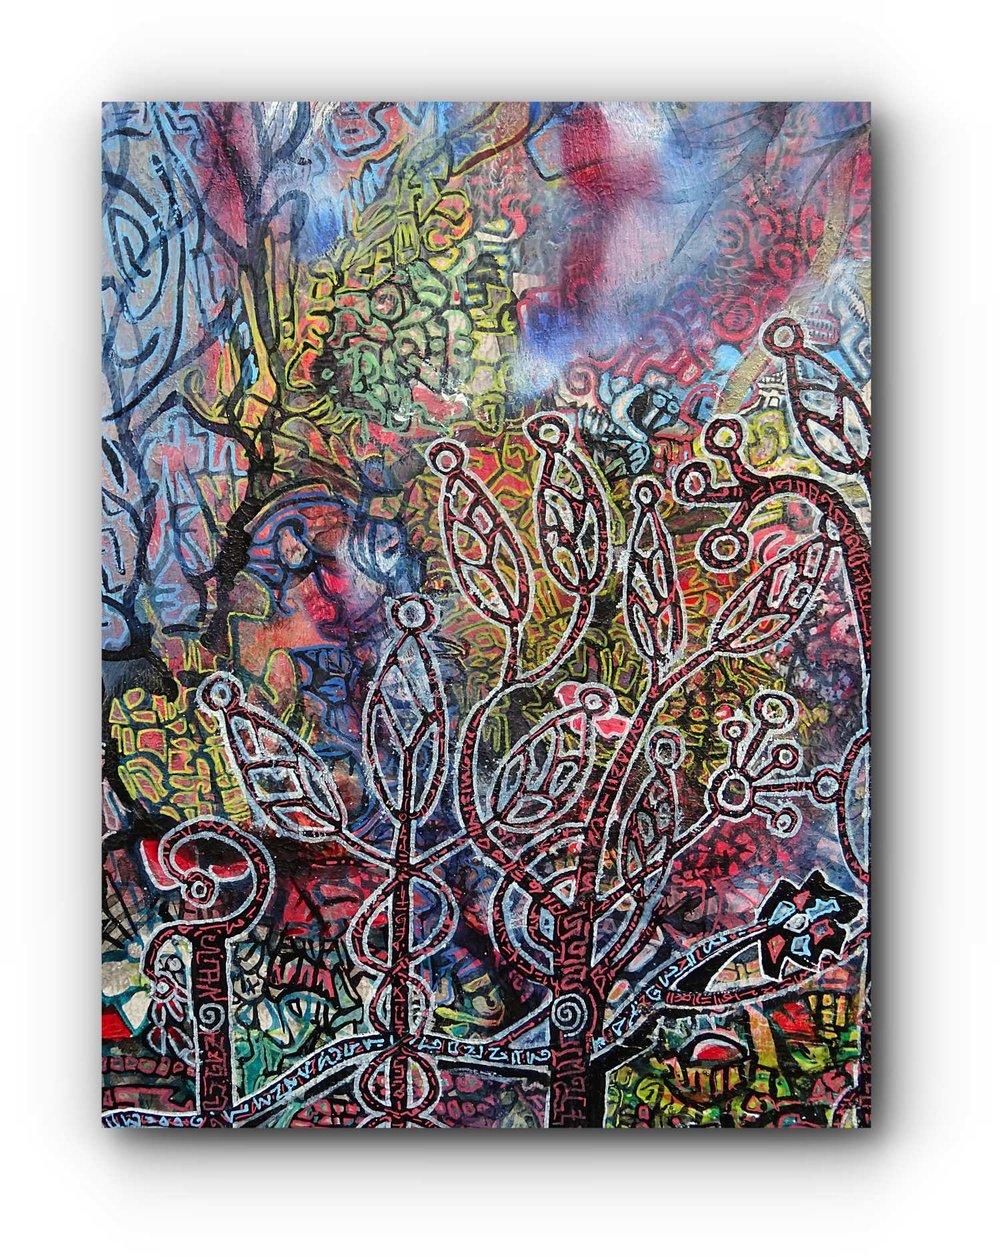 painting-detail-2-misty-valley-ingress-vortices.jpg